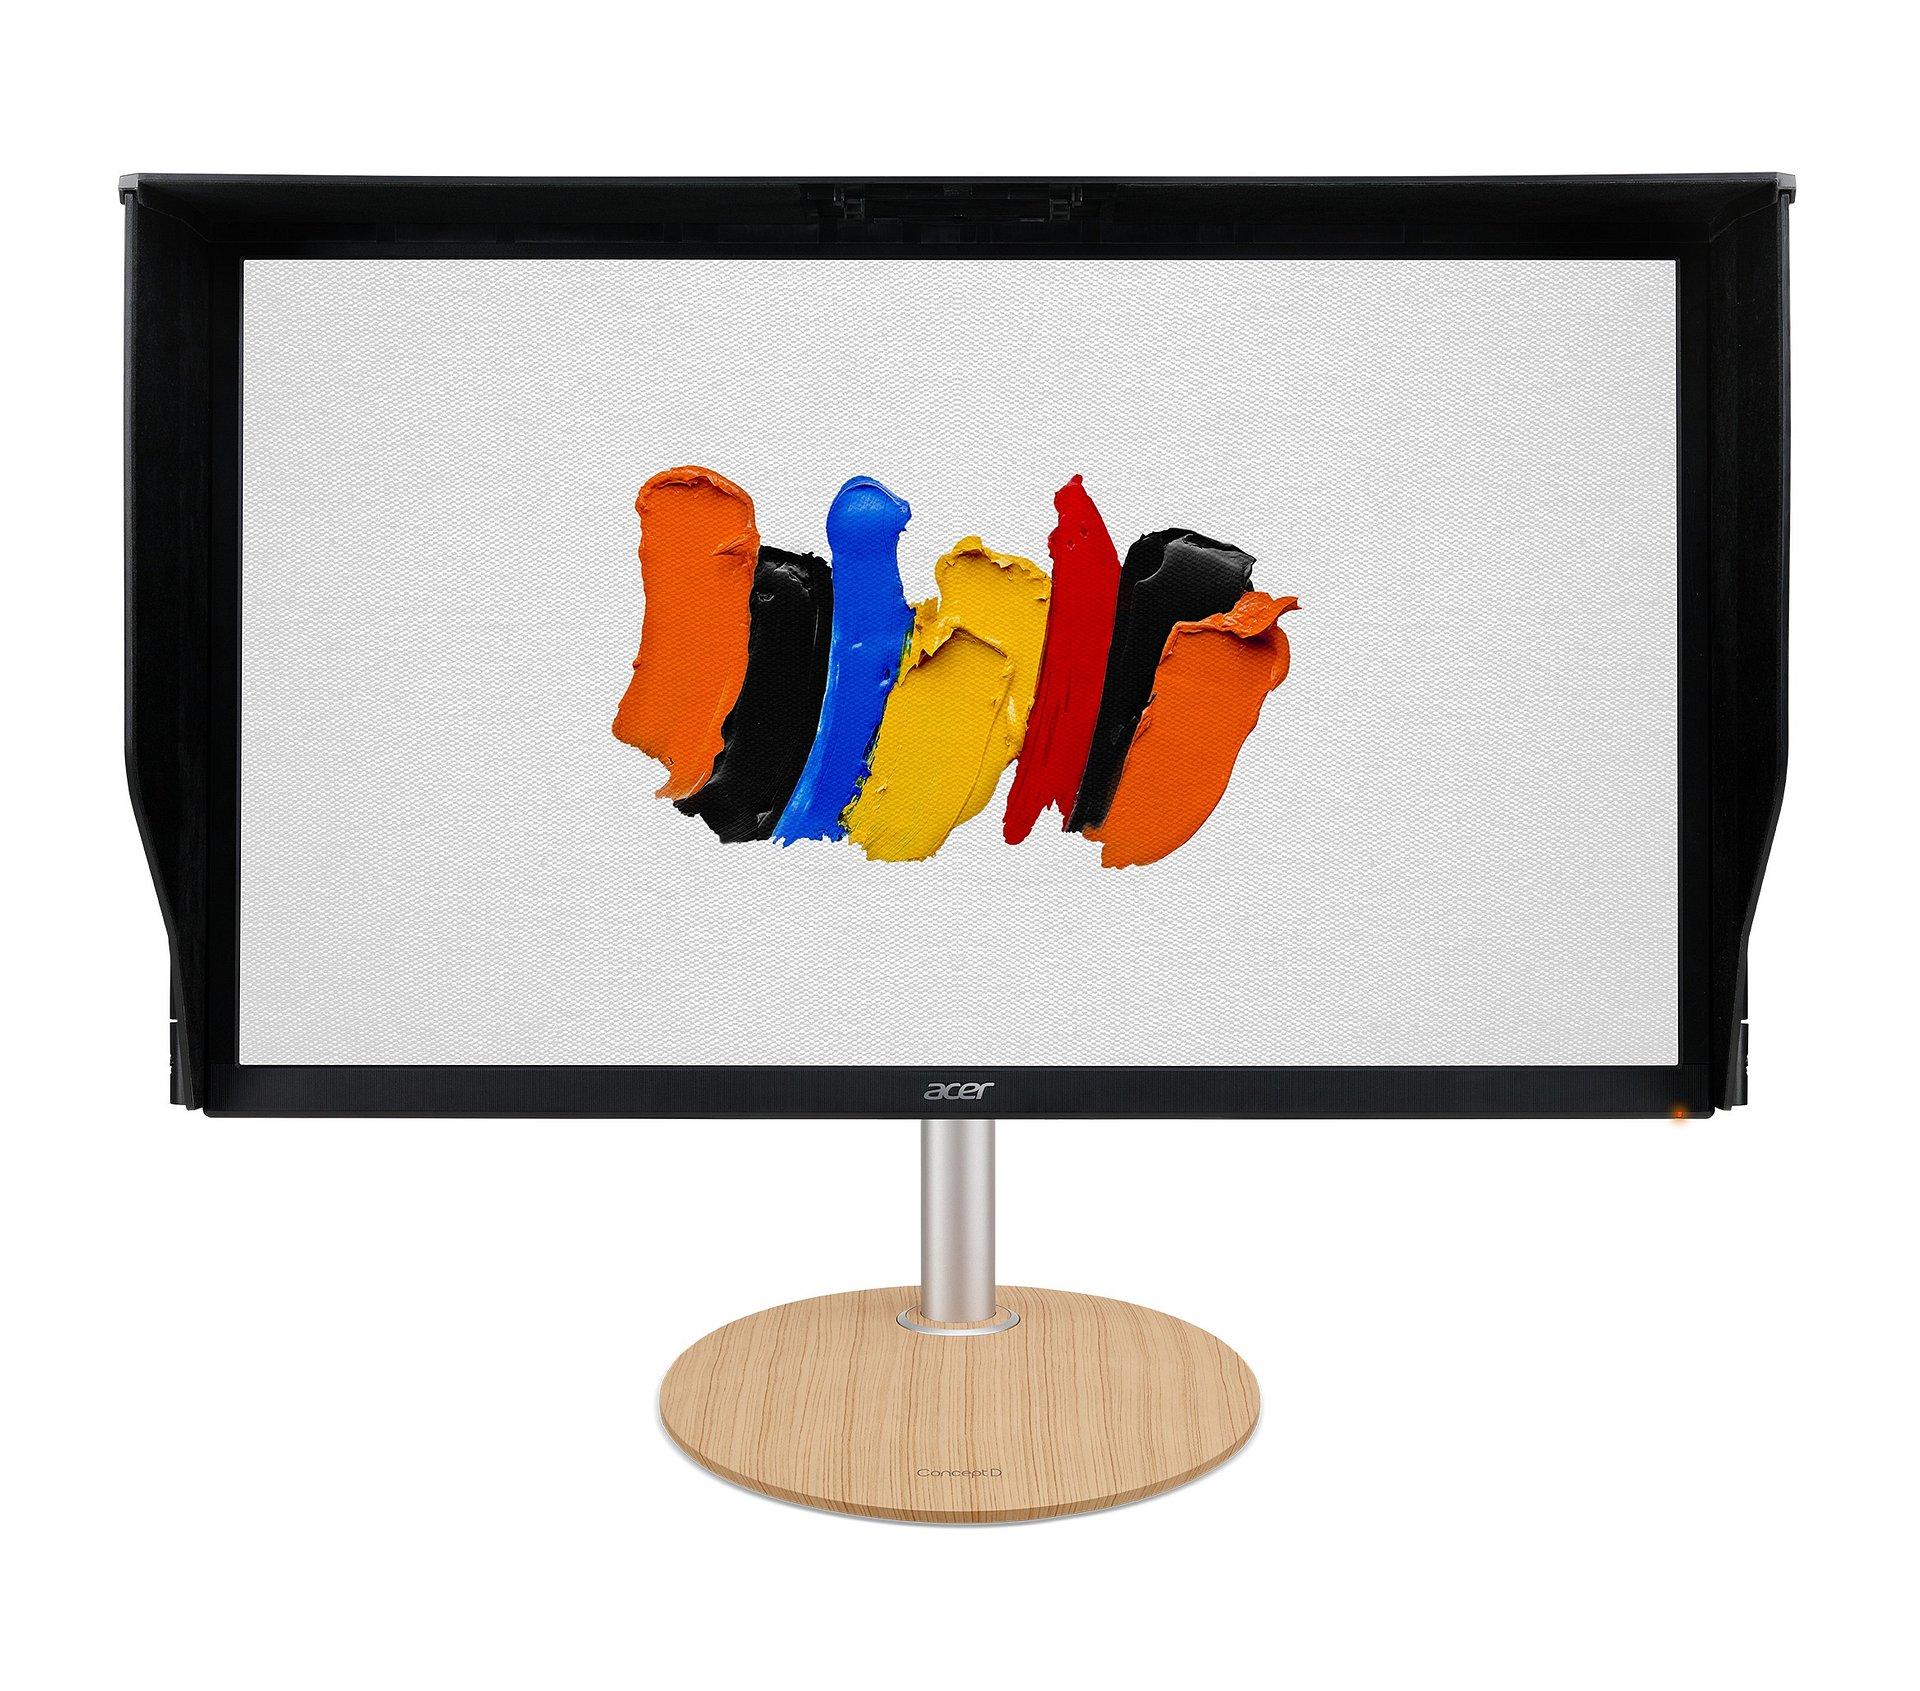 Dwa nowe monitory ConceptD dla branży kreatywnej pojawią się w Polsce na początku 2020 roku. Przedstawiamy ceny poszczególnych modeli